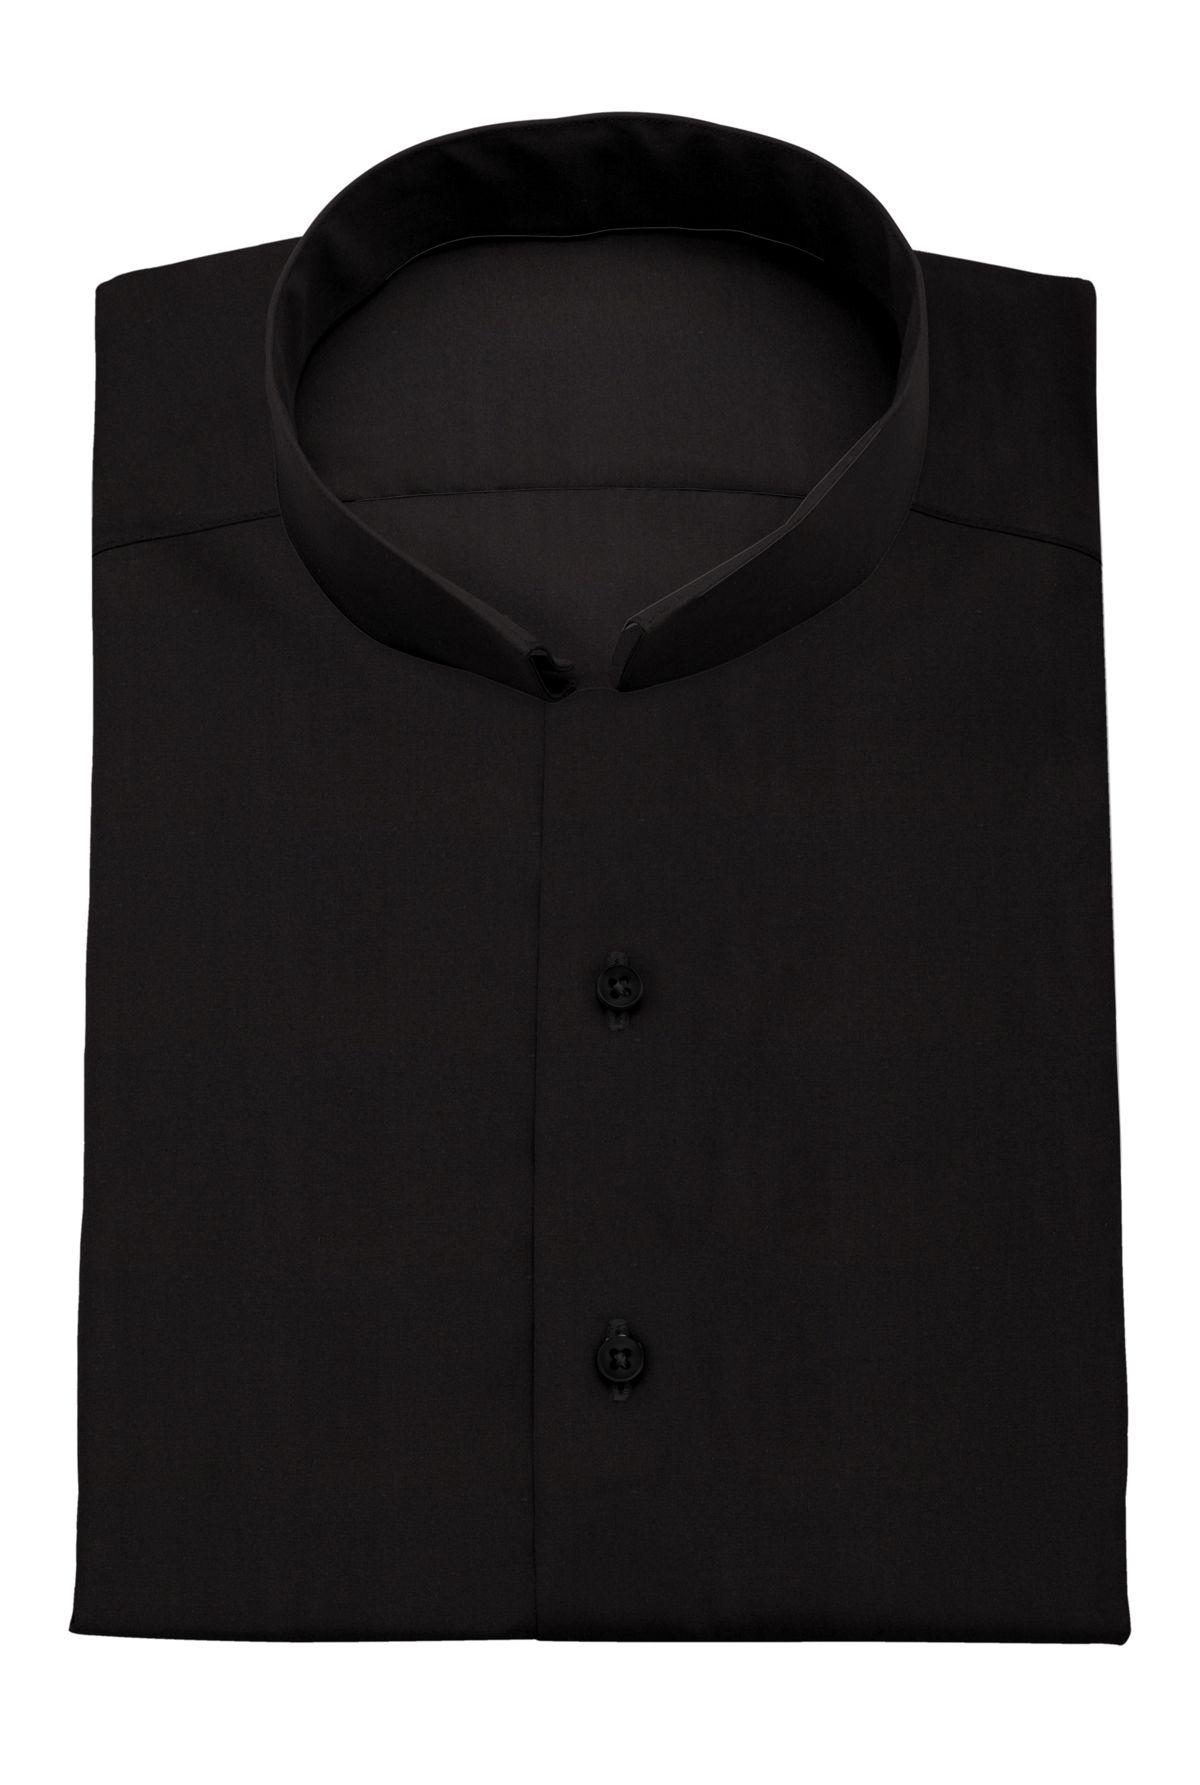 chemise homme noir uni tailor corner. Black Bedroom Furniture Sets. Home Design Ideas